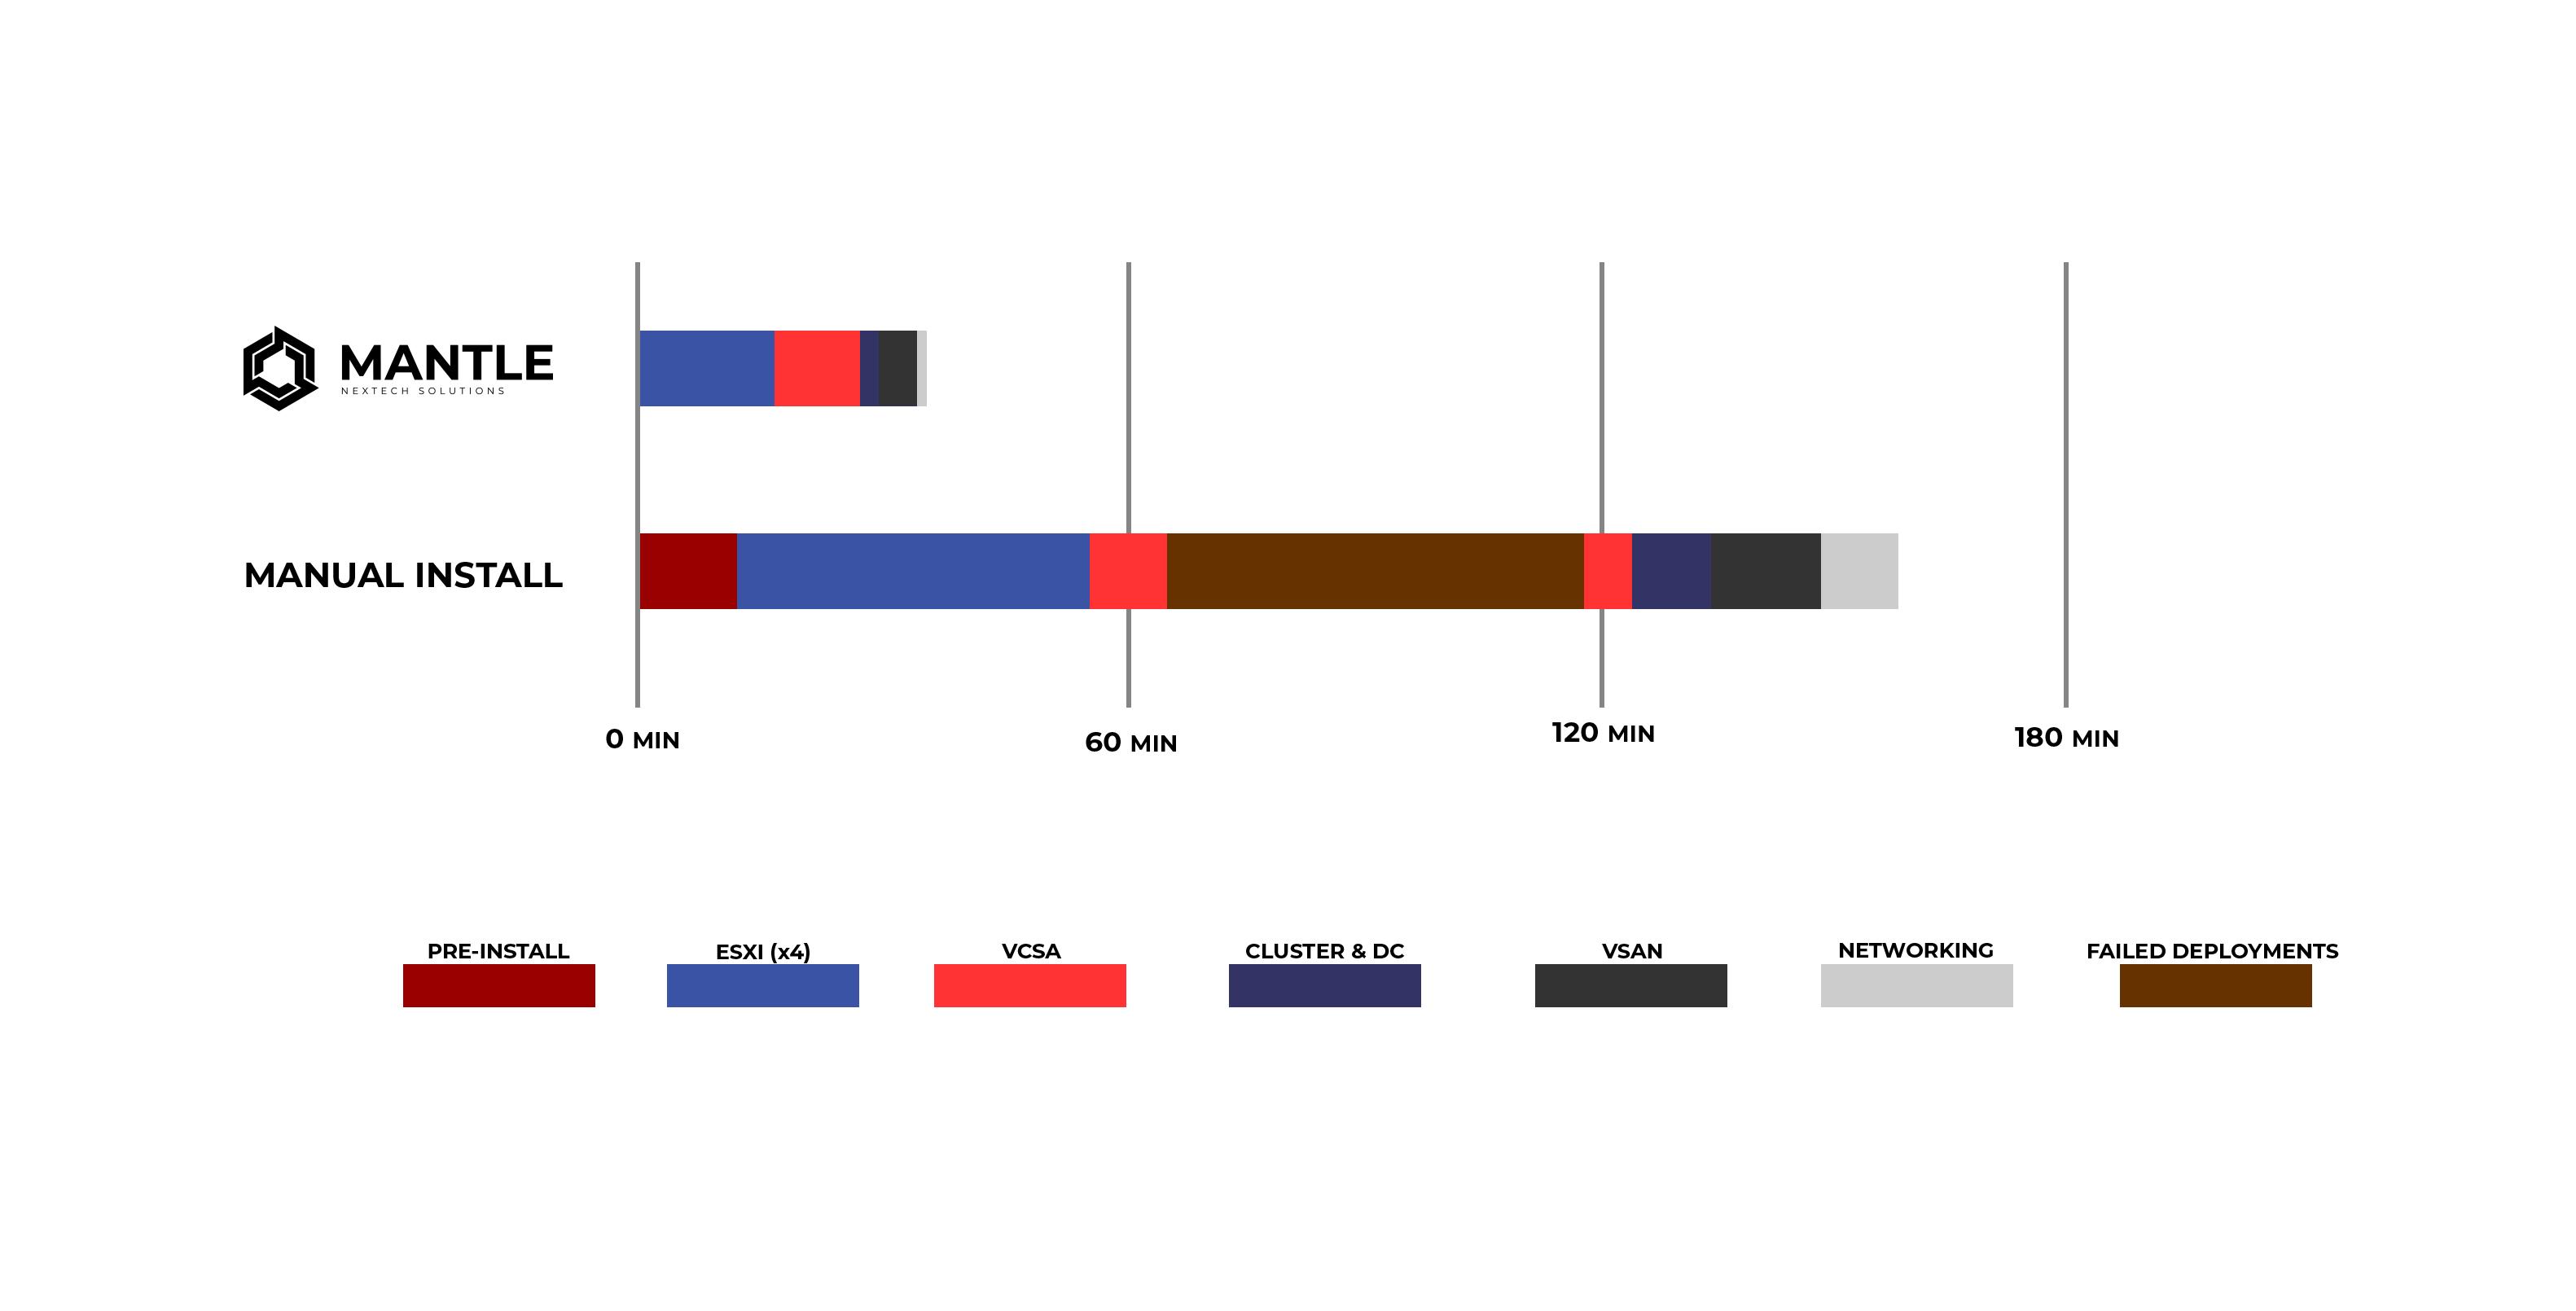 Mantle Deployment Timeline